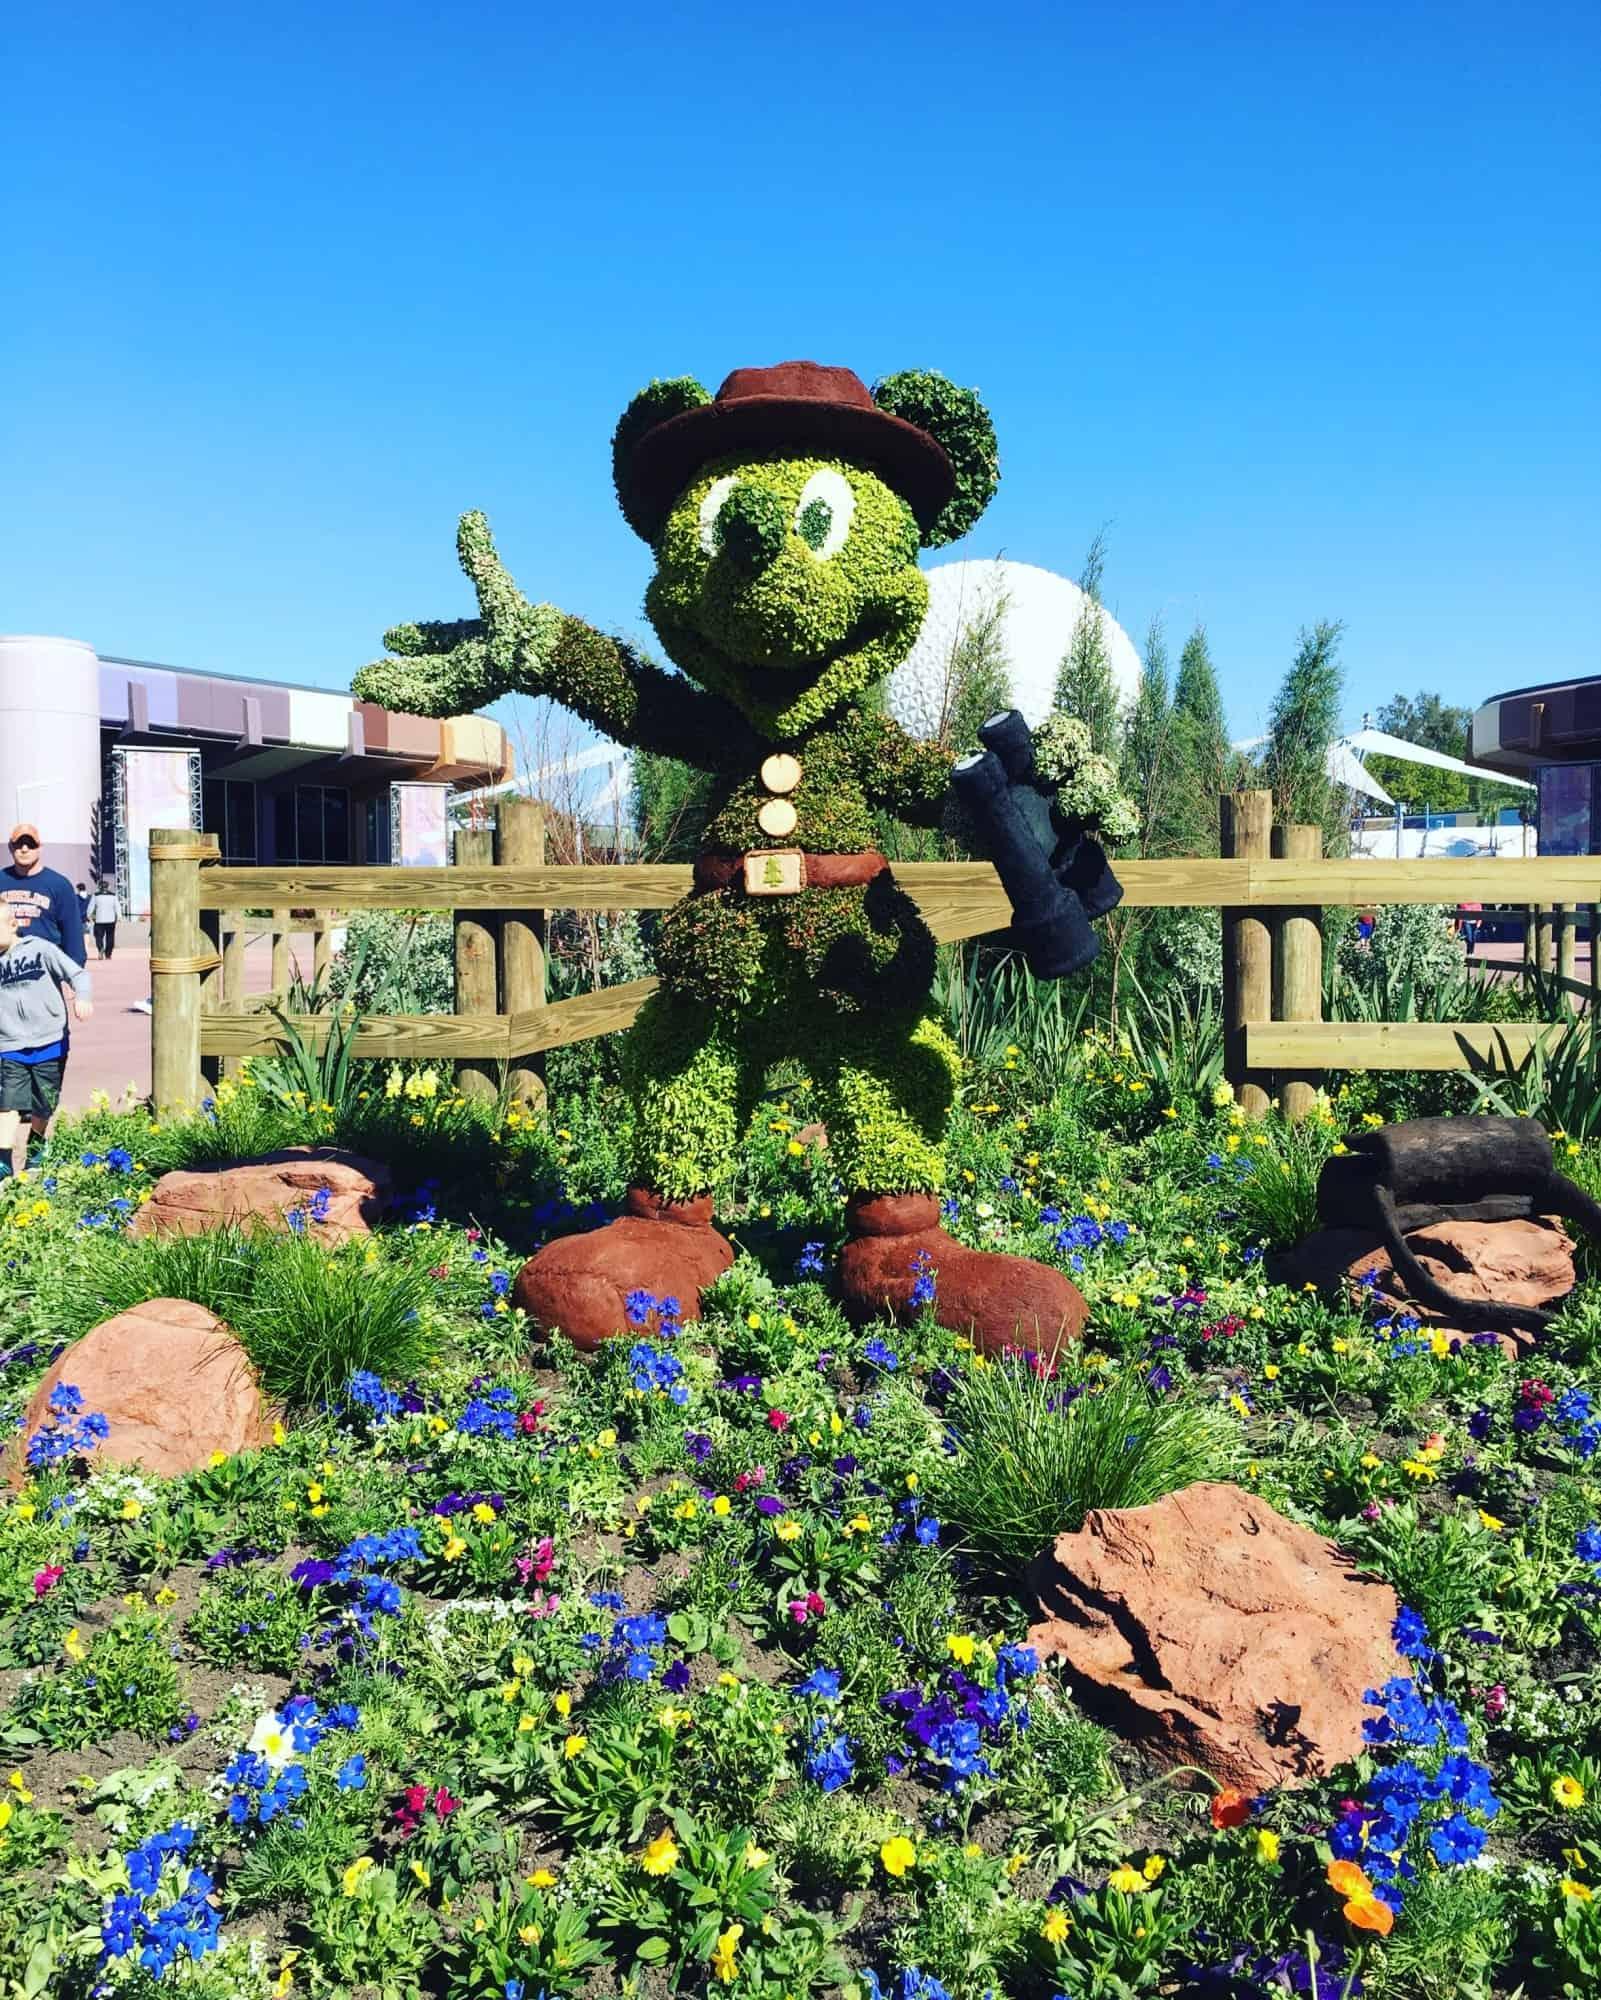 Epcot Flower & Garden Festival 2016